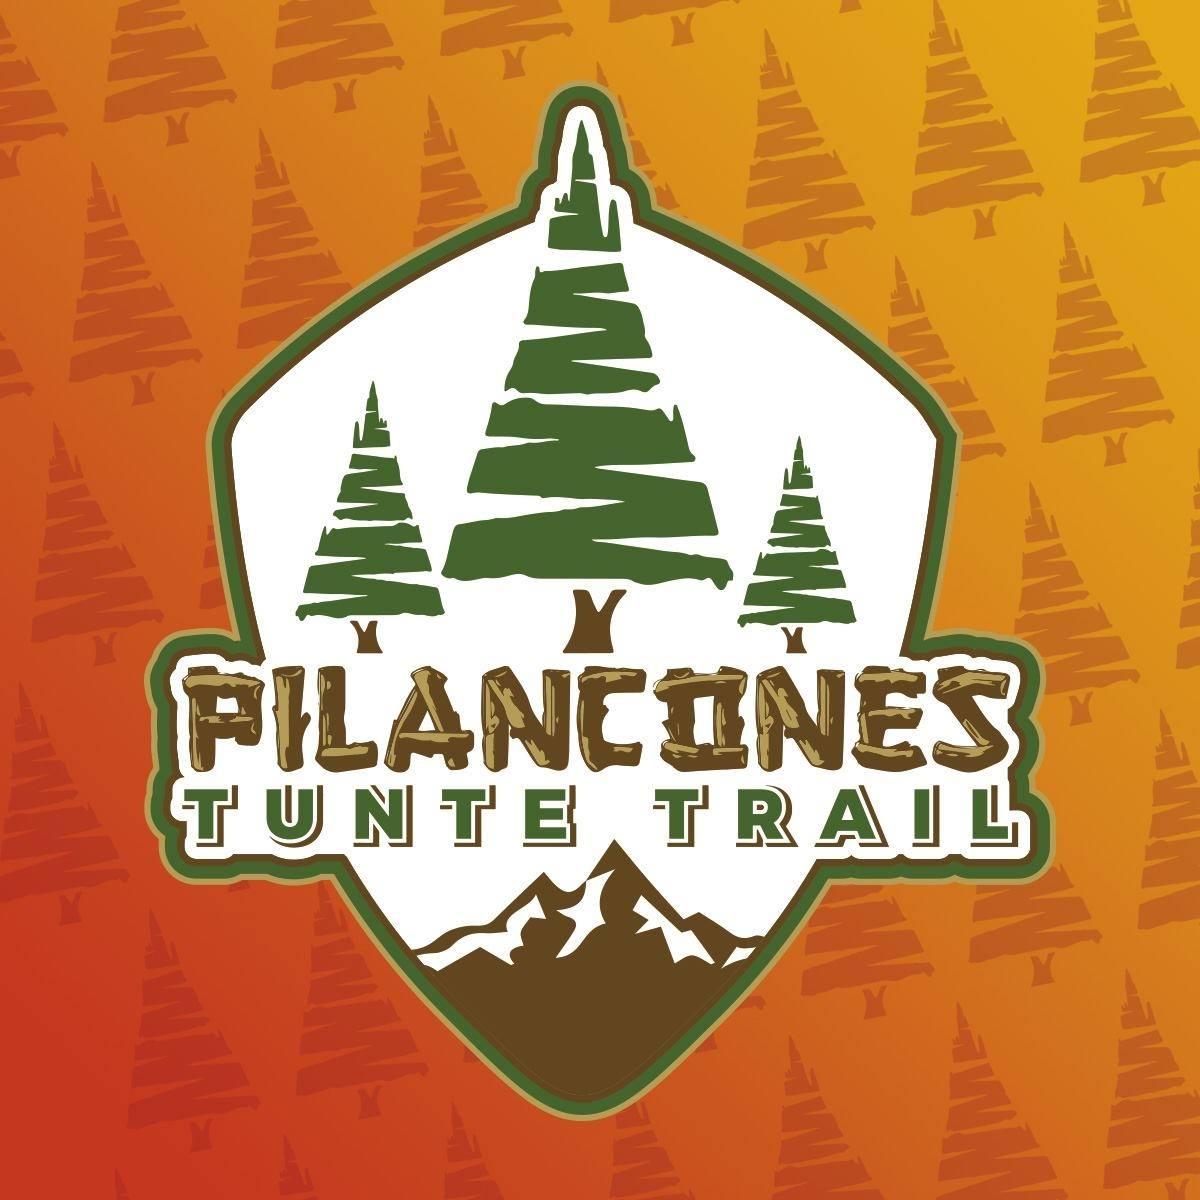 Logotipo oficial de la Pilancones Tunte Trail